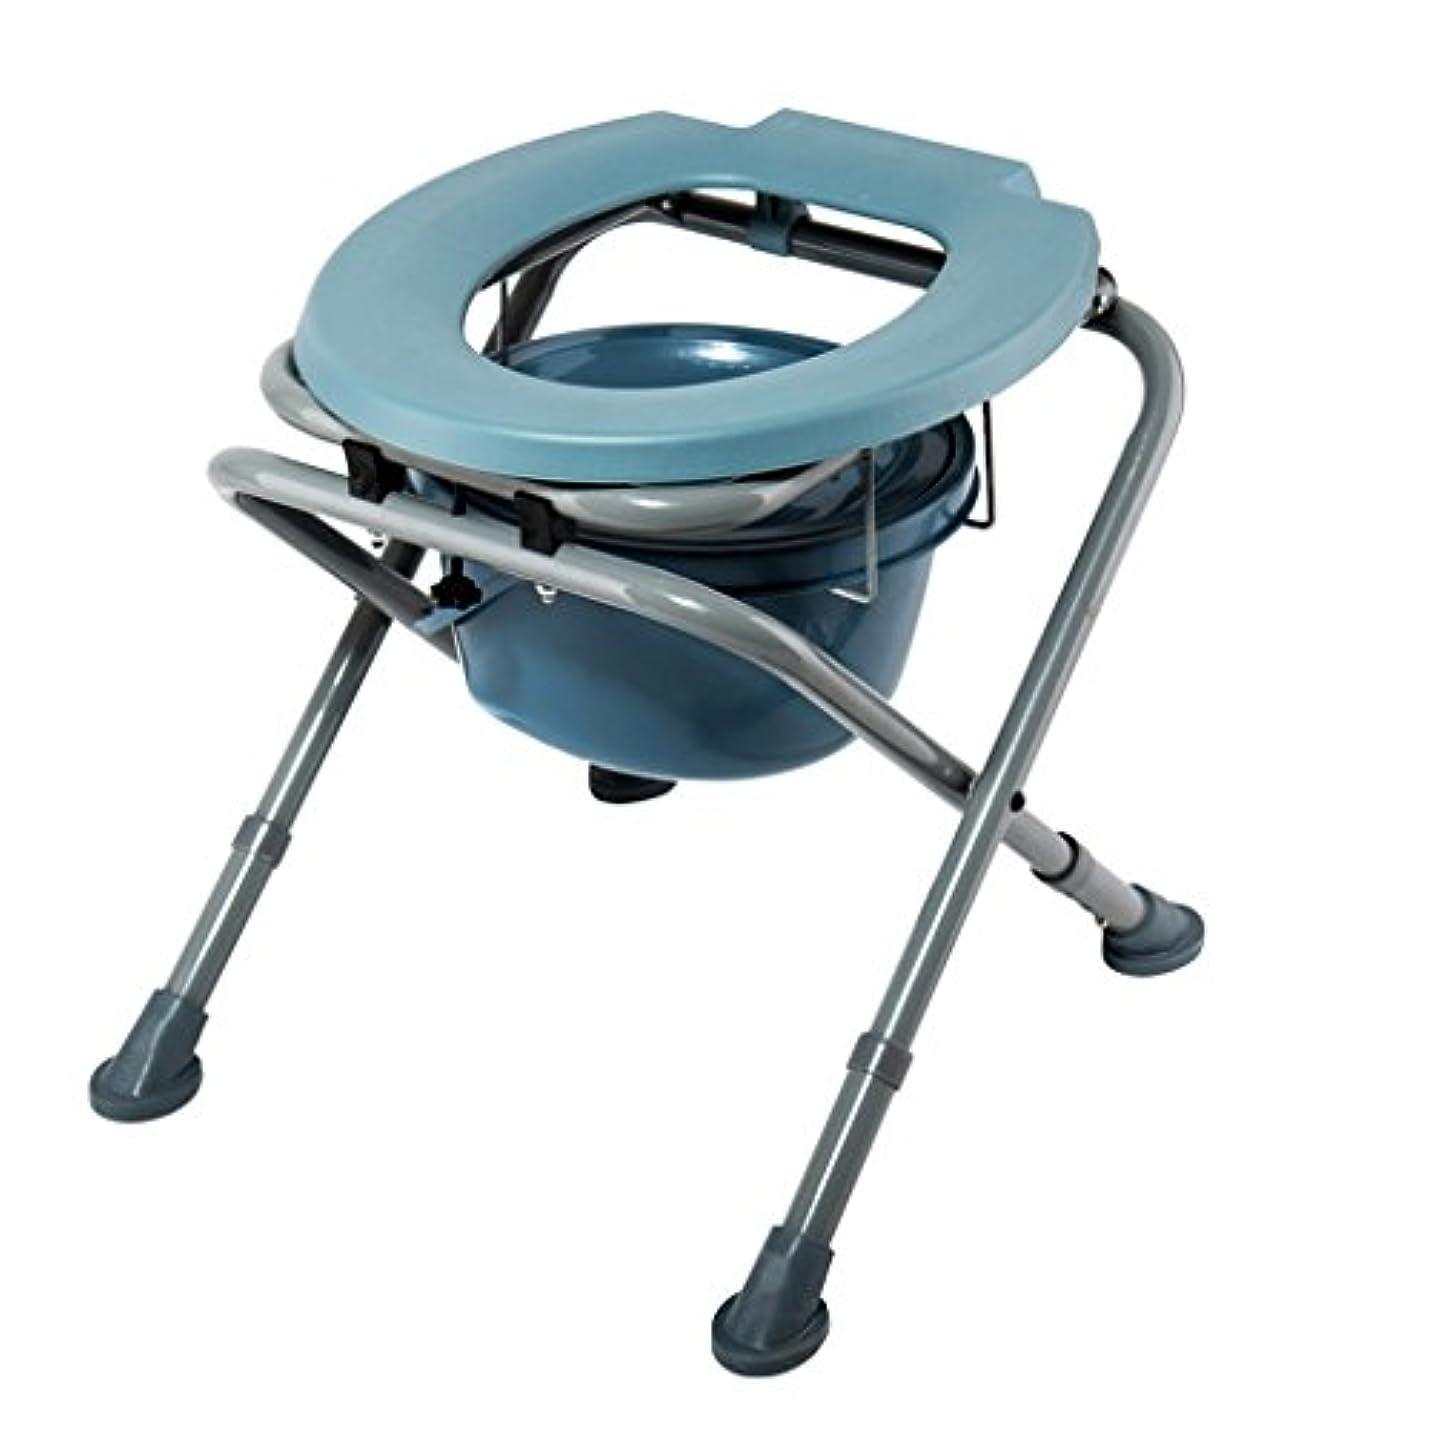 マイコンバナー遅らせる- 椅子バスチェア折りたたみ式高さ調整可能妊婦老人トイレチェア丈夫な防水 チェスト